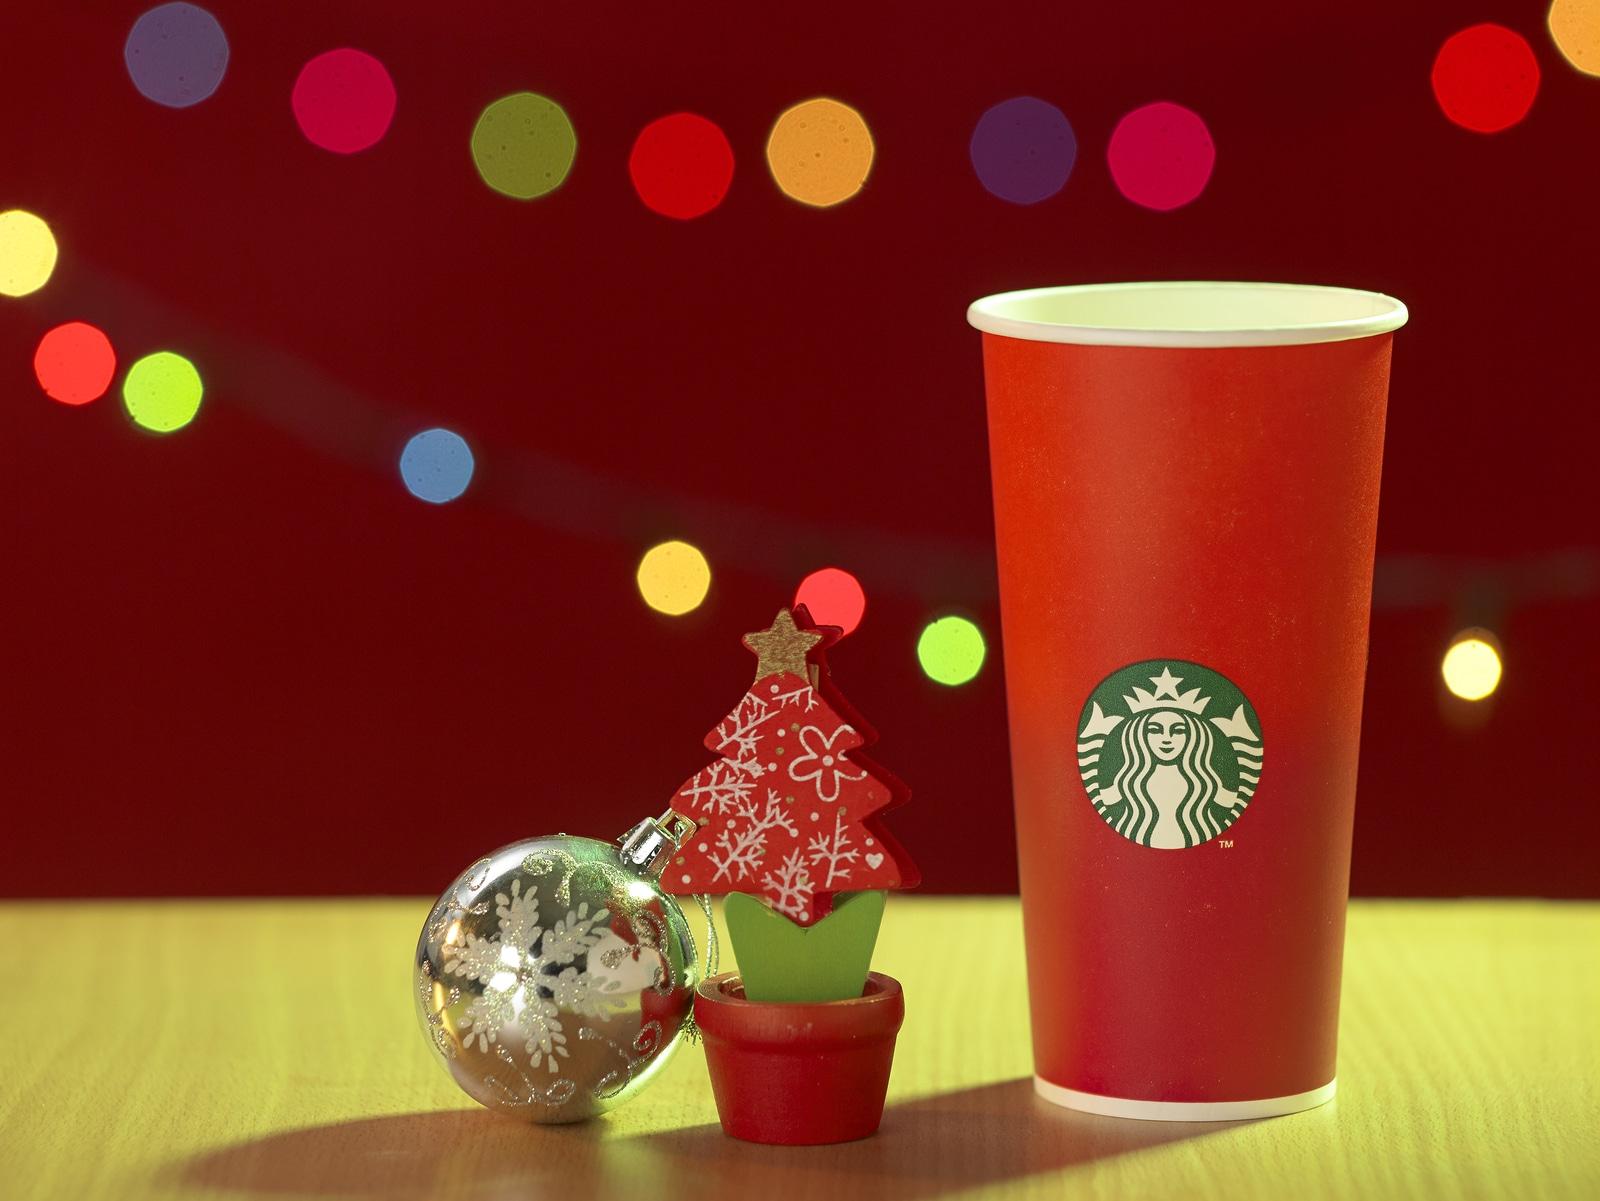 El nuevo vaso de Starbucks que está causando polémica